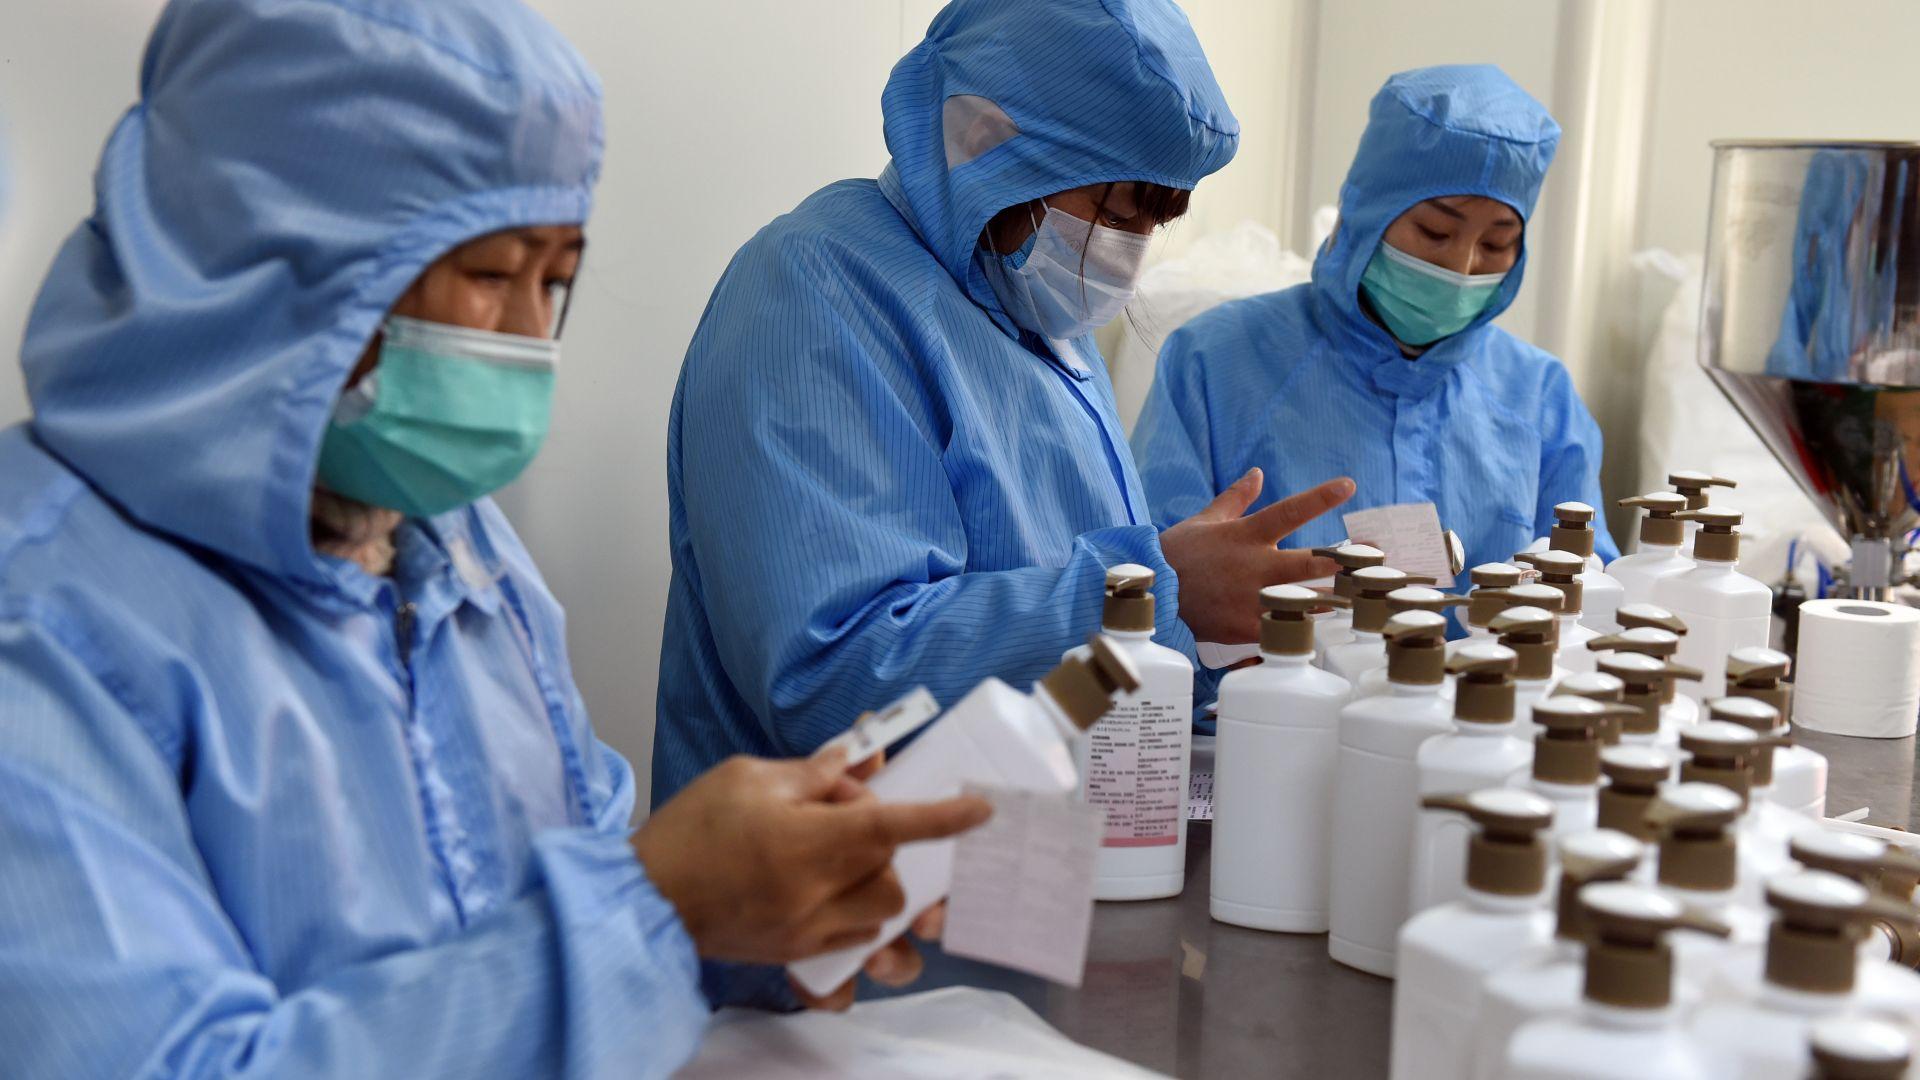 Рано е да се предскаже краят на епидемията: кога ще има ваксина срещу новия вирус